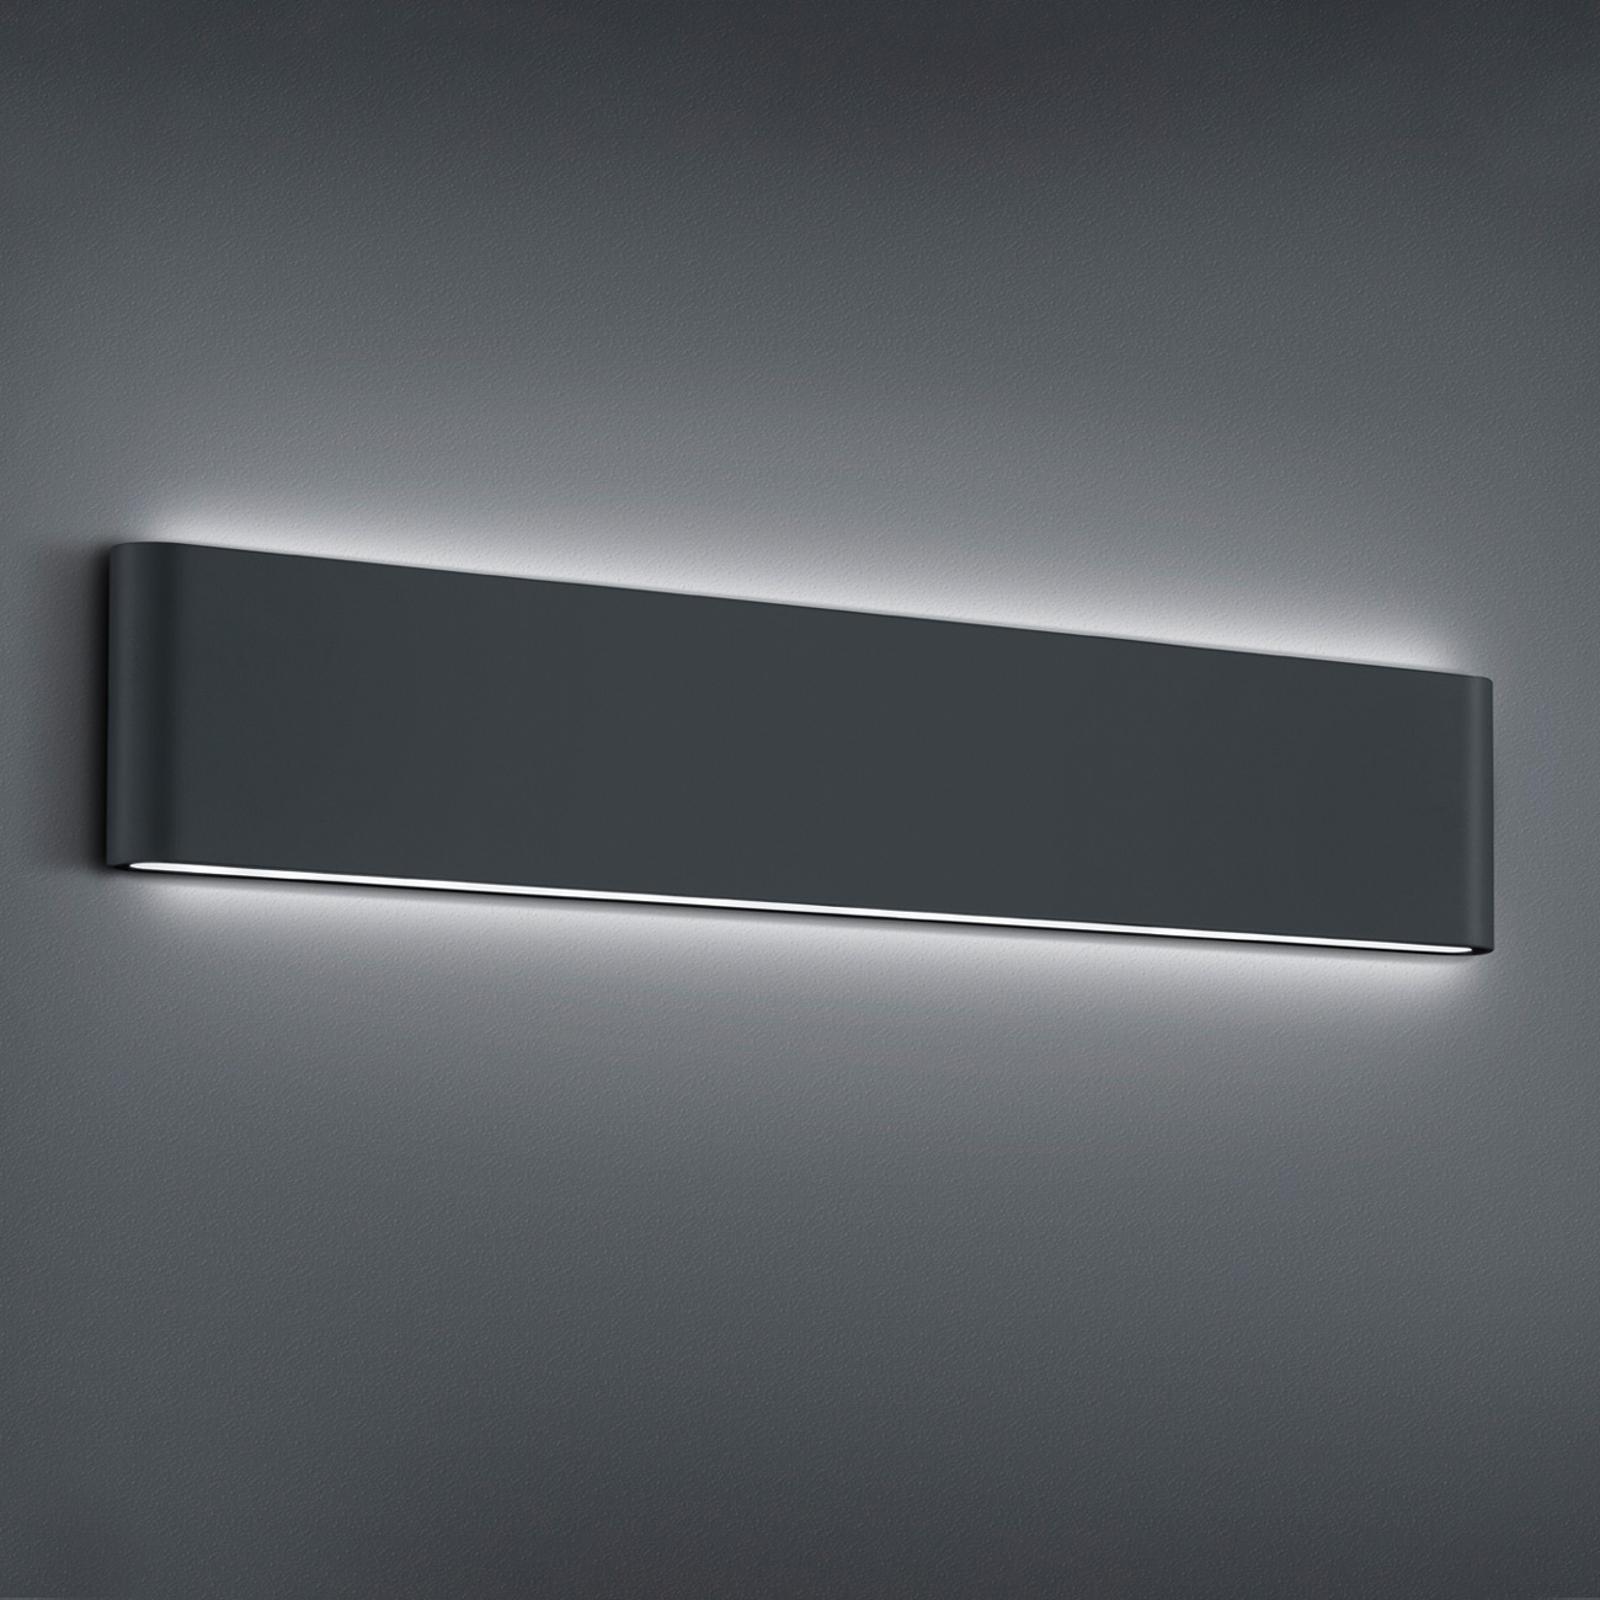 Thames II udendørs LED-væglampe, antracit